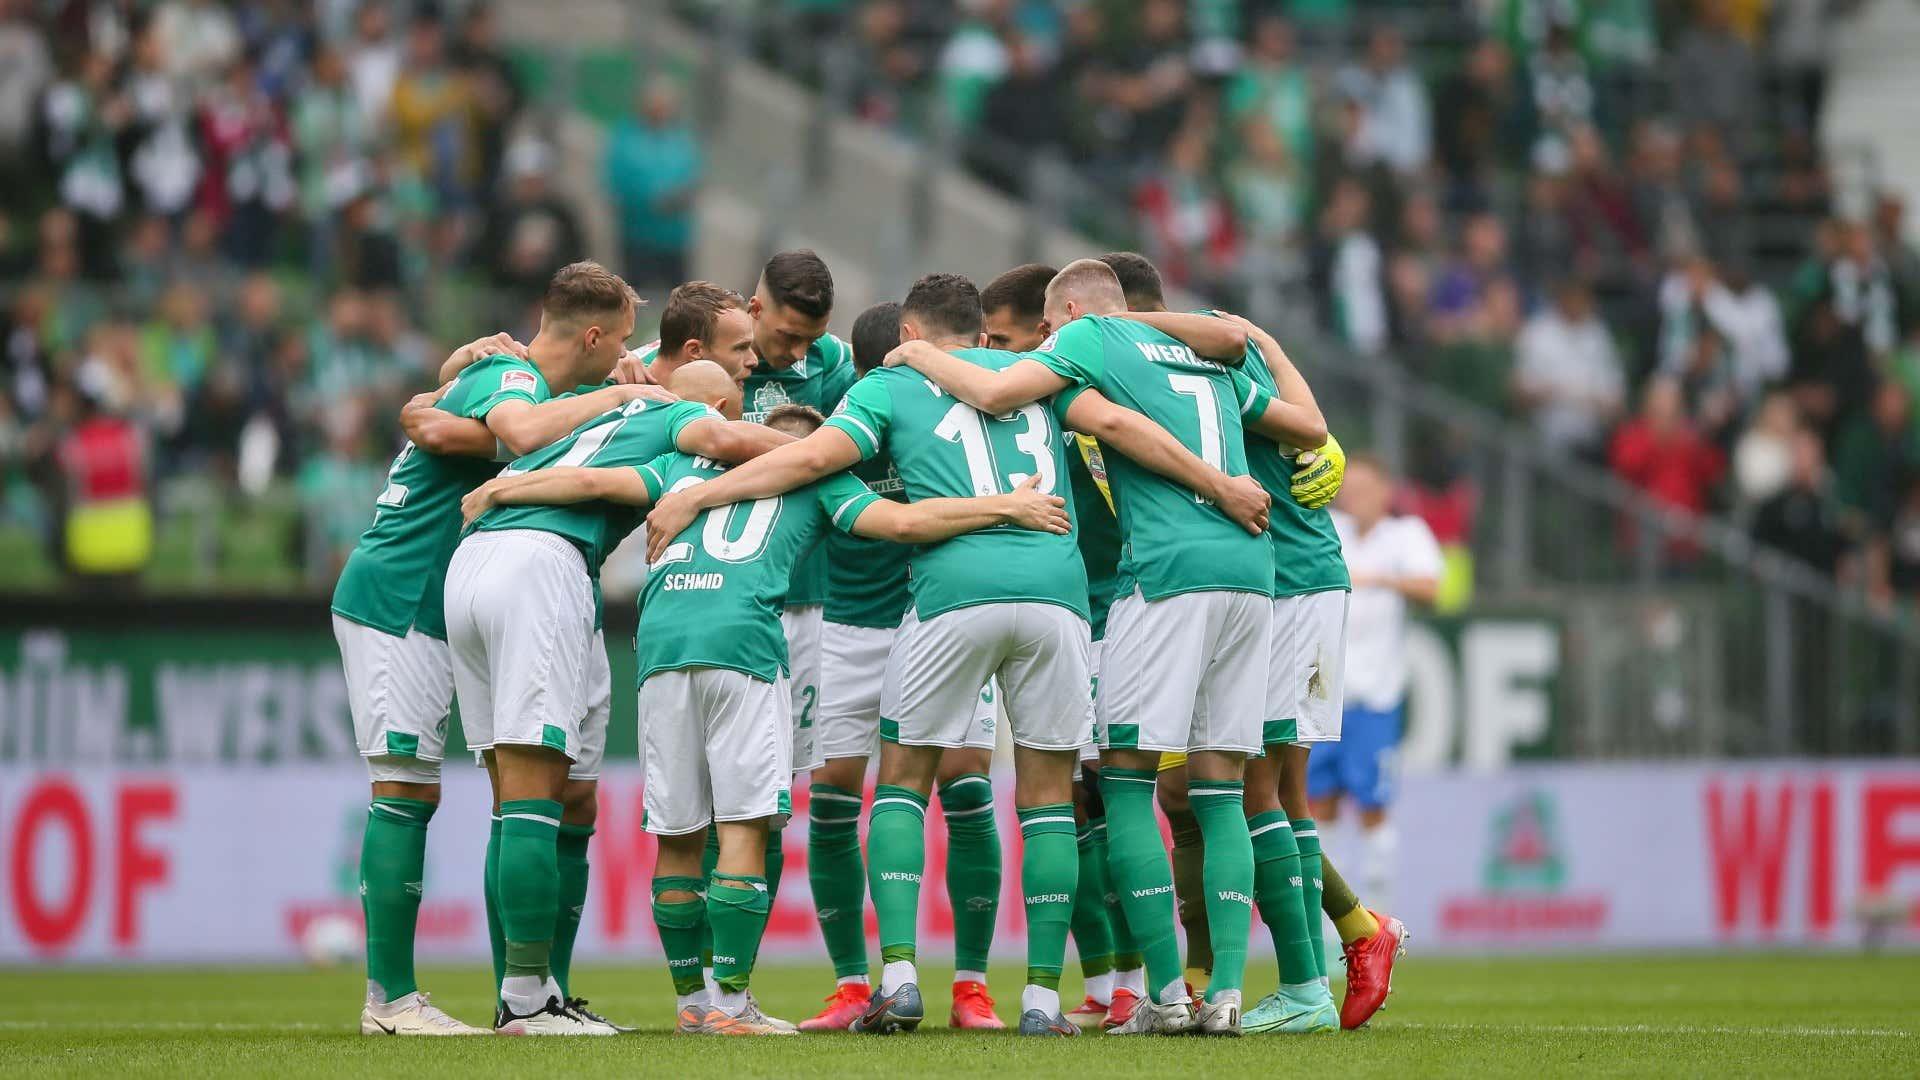 Darmstadt 98 vs. Werder Bremen heute live: TV, LIVE-STREAM, LIVE-TICKER, Aufstellungen- die Übertragung der 2. Bundesliga | Goal.com